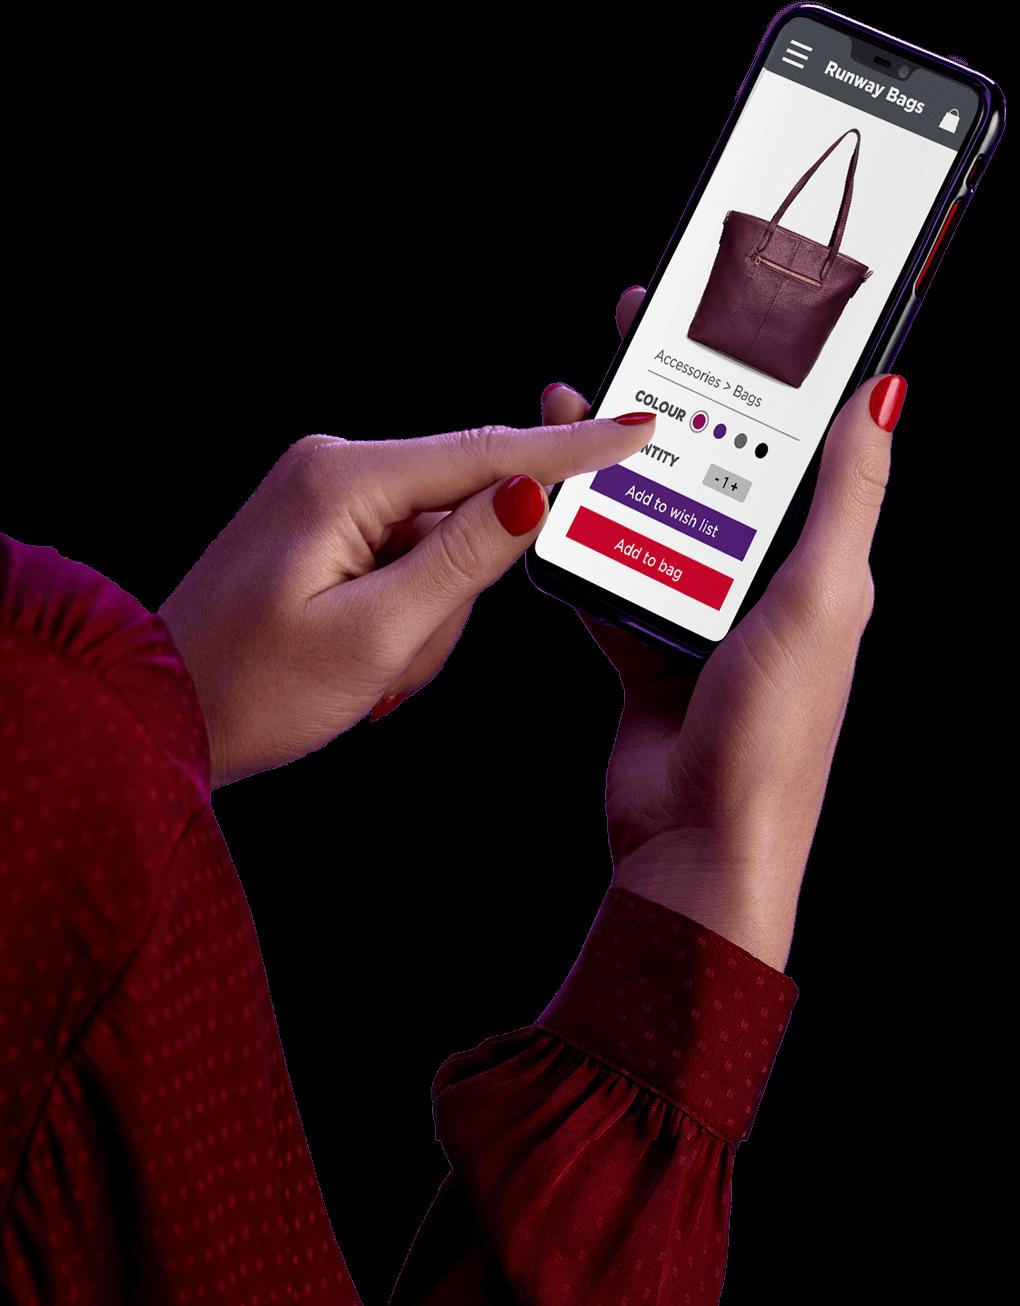 携帯電話を持ち、ヴァージン・オーストラリア アプリを見ている女性